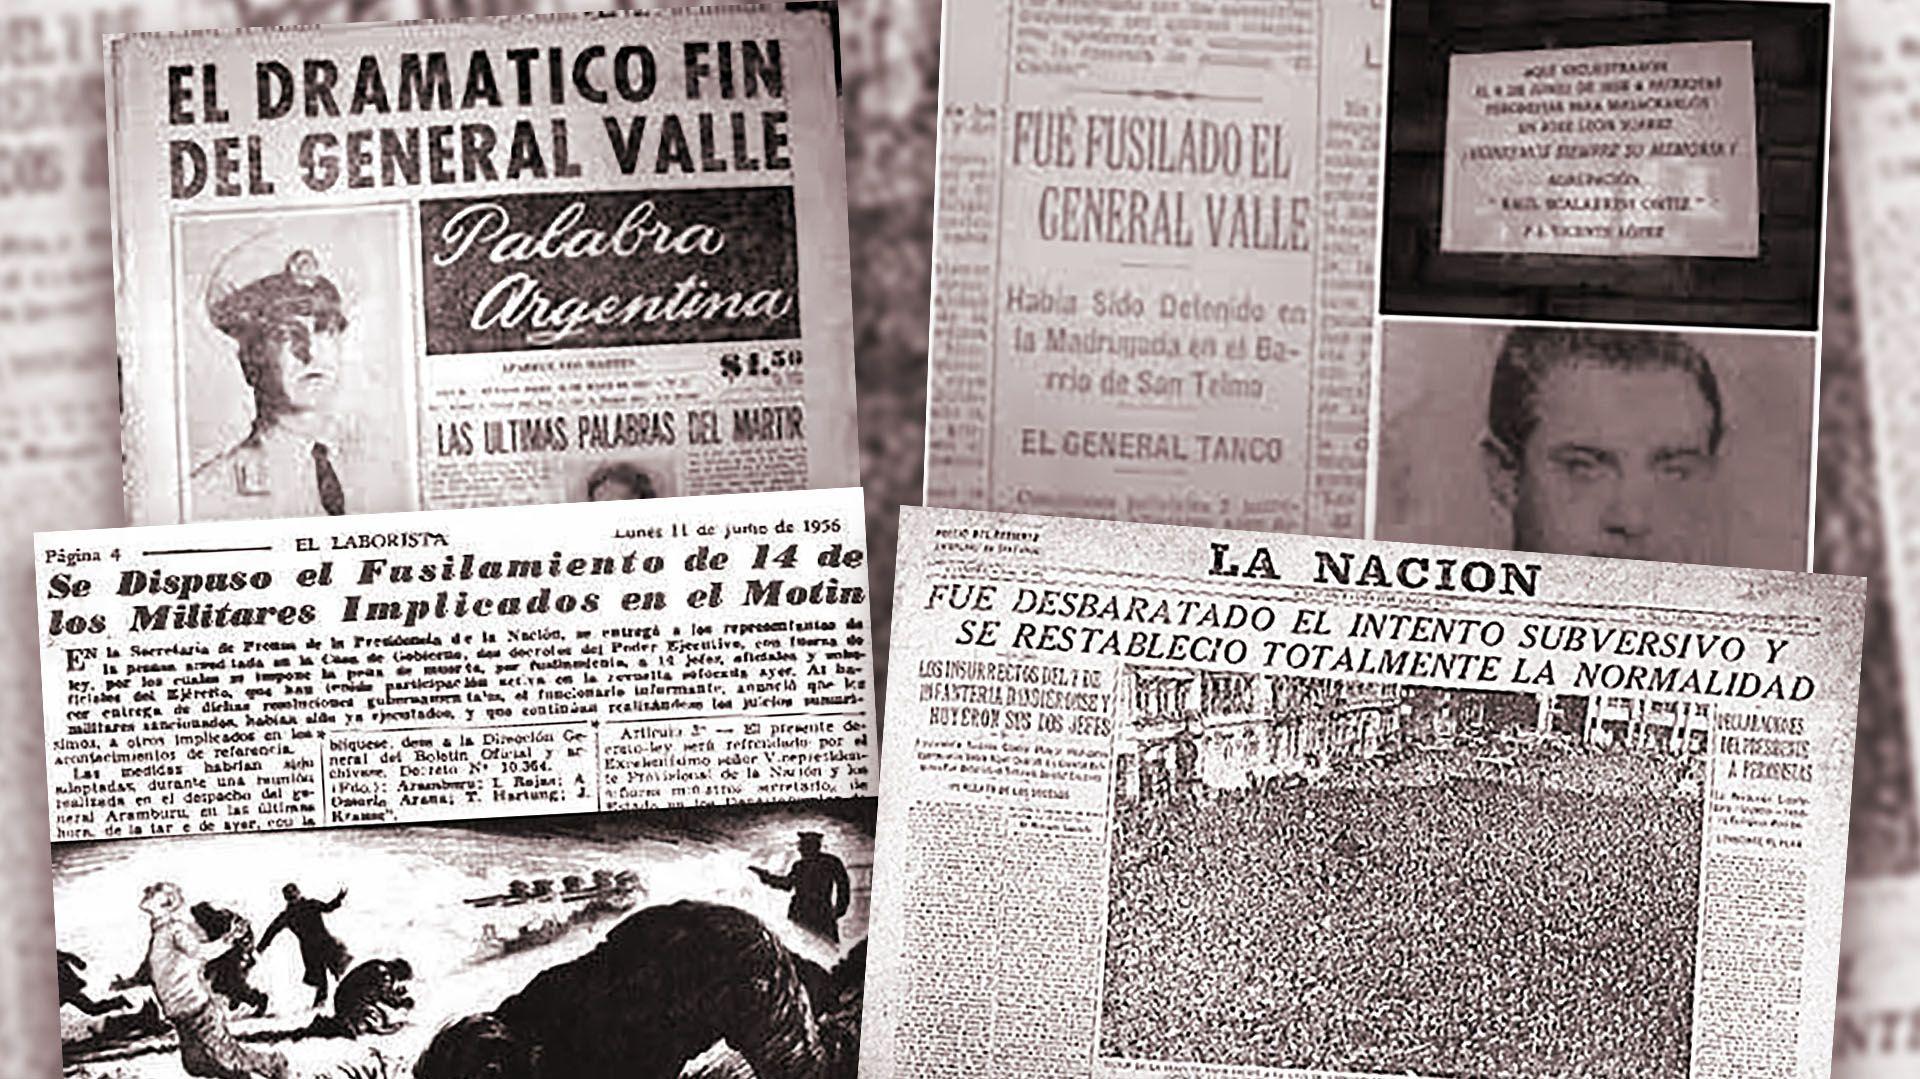 Los titulares de los diarios luego del levantamiento